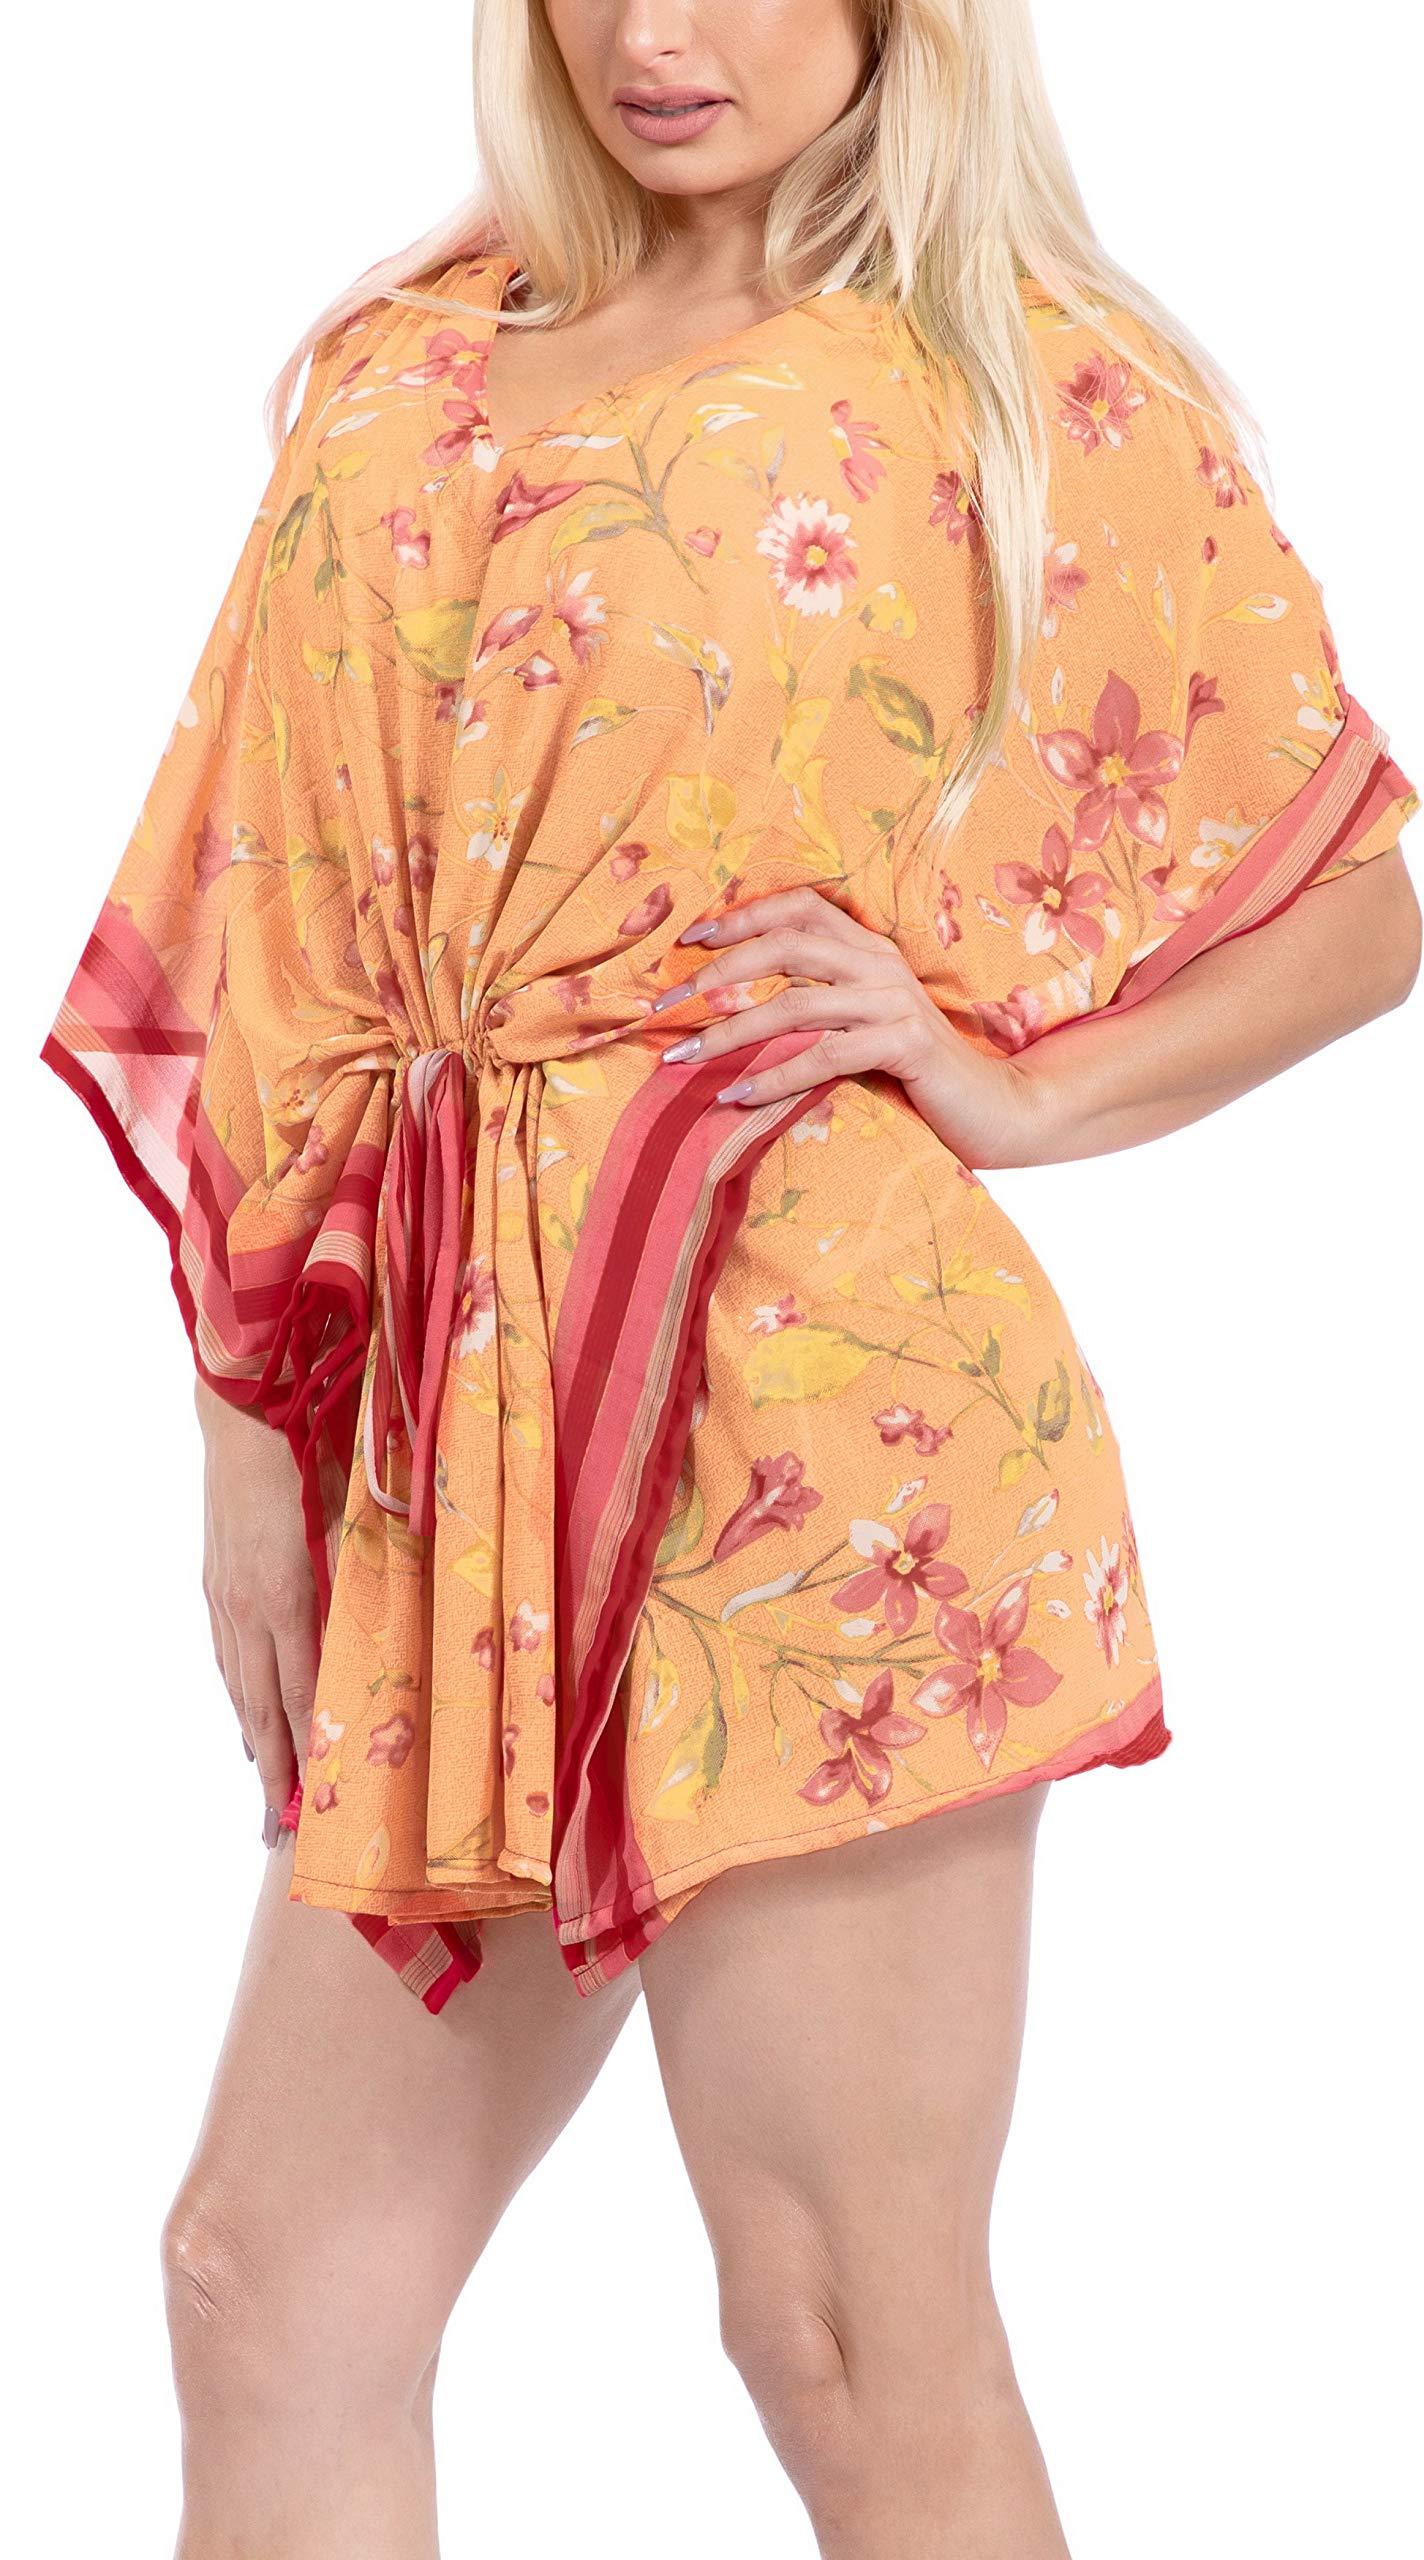 LA LEELA Abito Kimono Abbigliamento Casual Kaftano Top Costume da Bagno Cover up Spiaggia Estiva per Le Donne 3 spesavip